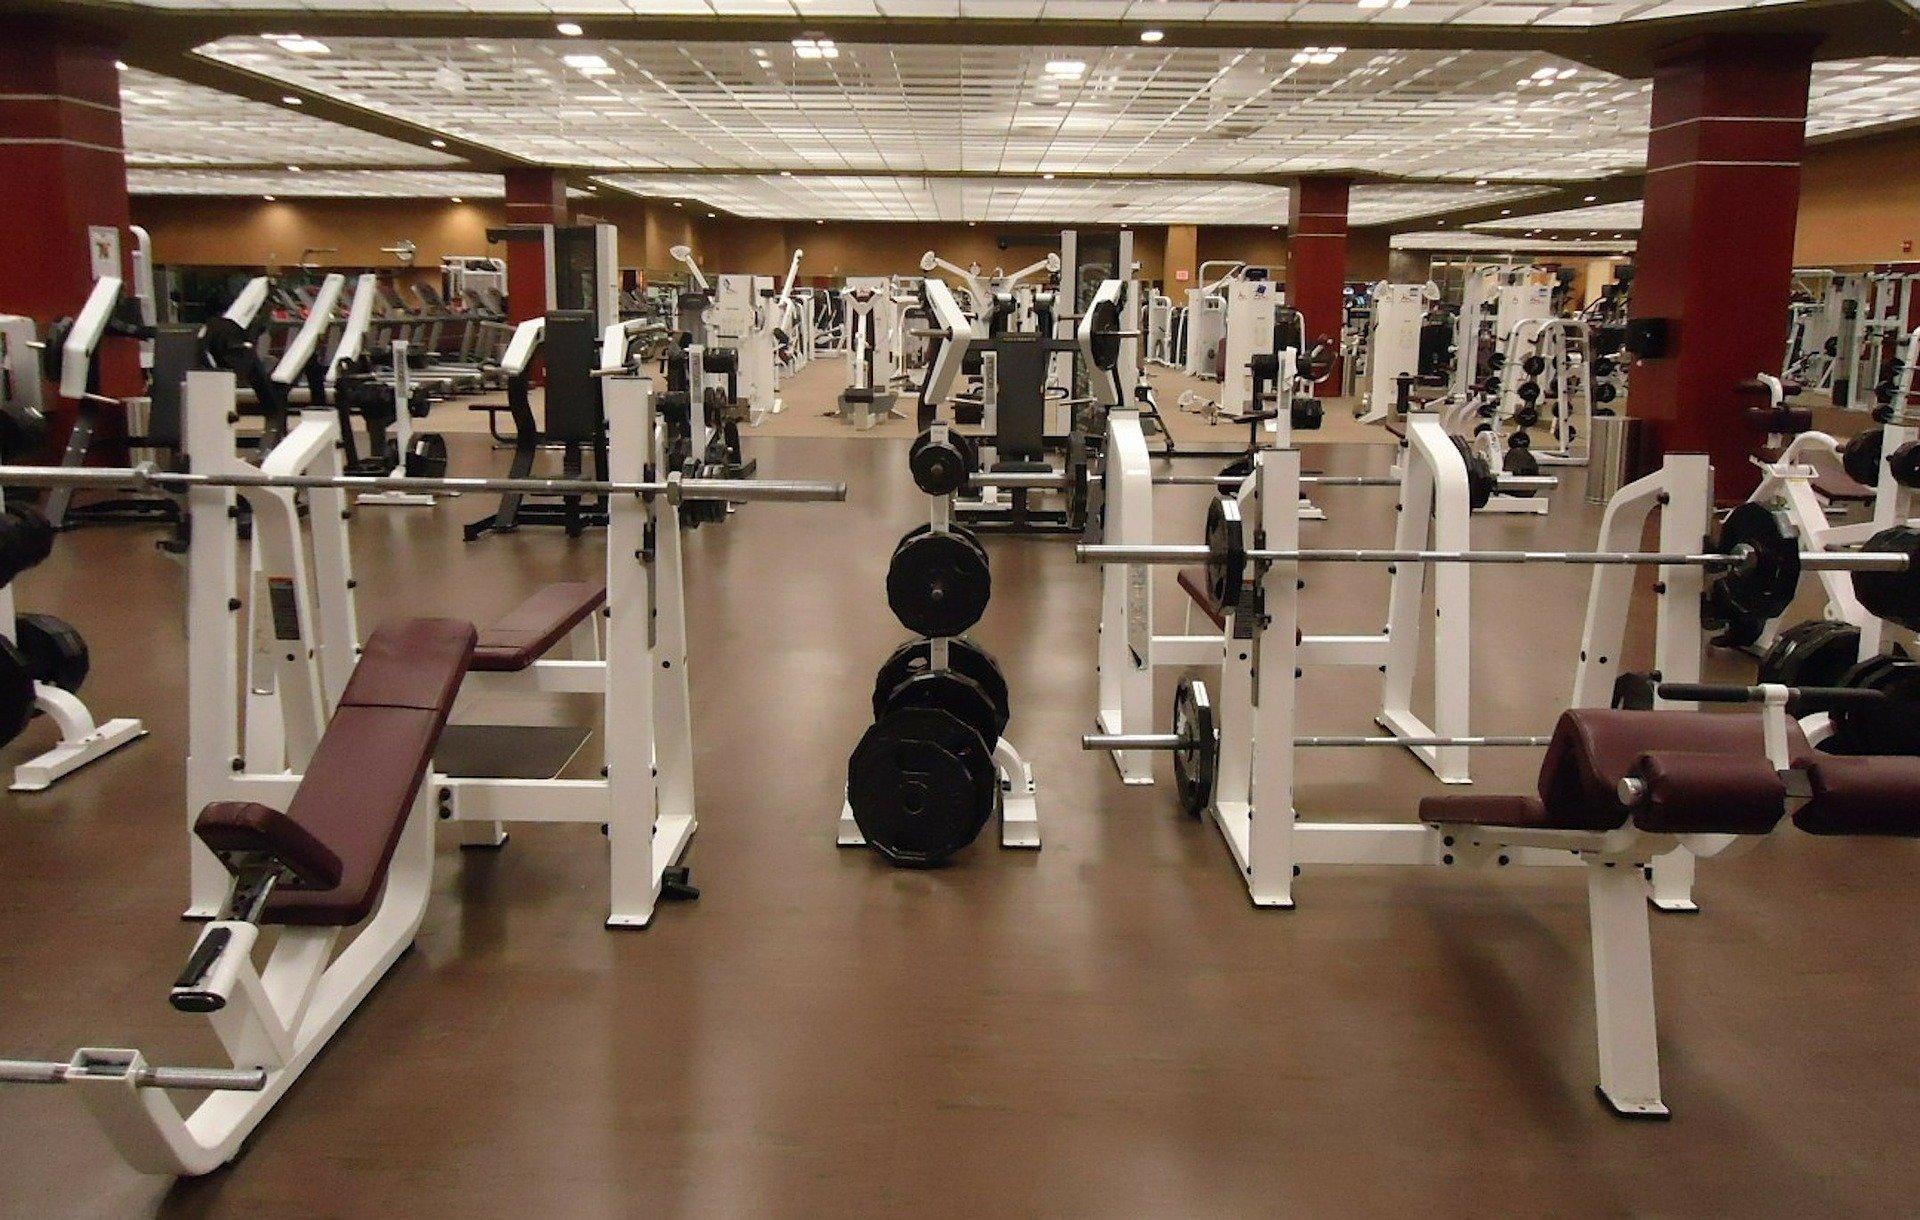 De groei van de fitnessbranche